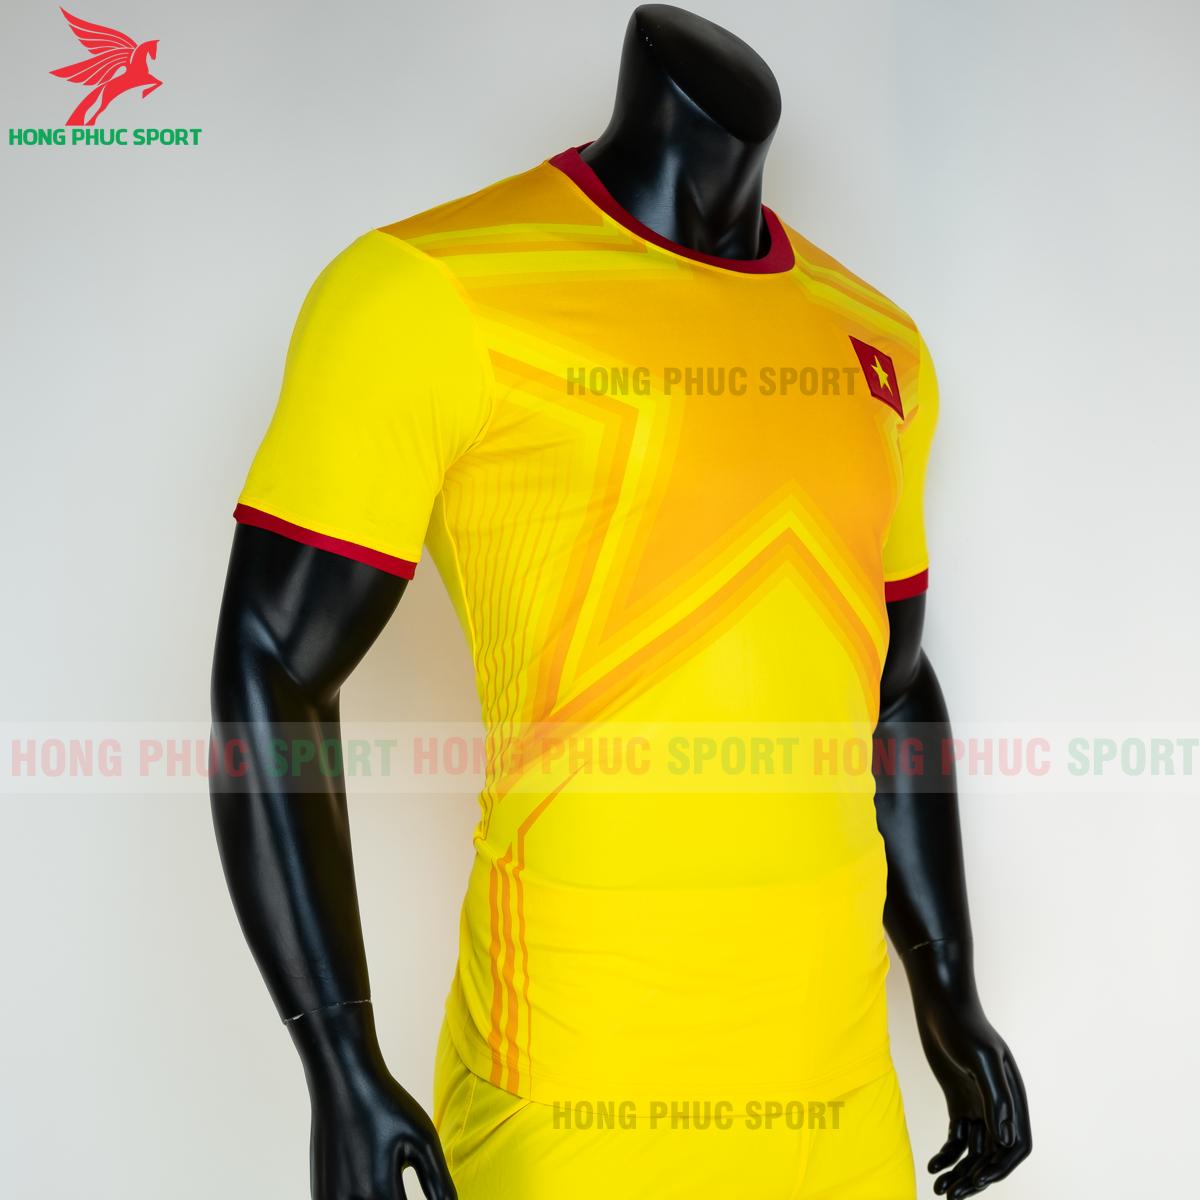 https://cdn.hongphucsport.com/unsafe/s4.shopbay.vn/files/285/ao-bong-da-thu-mon-viet-nam-2021-san-khach-5-6050396510b41.png